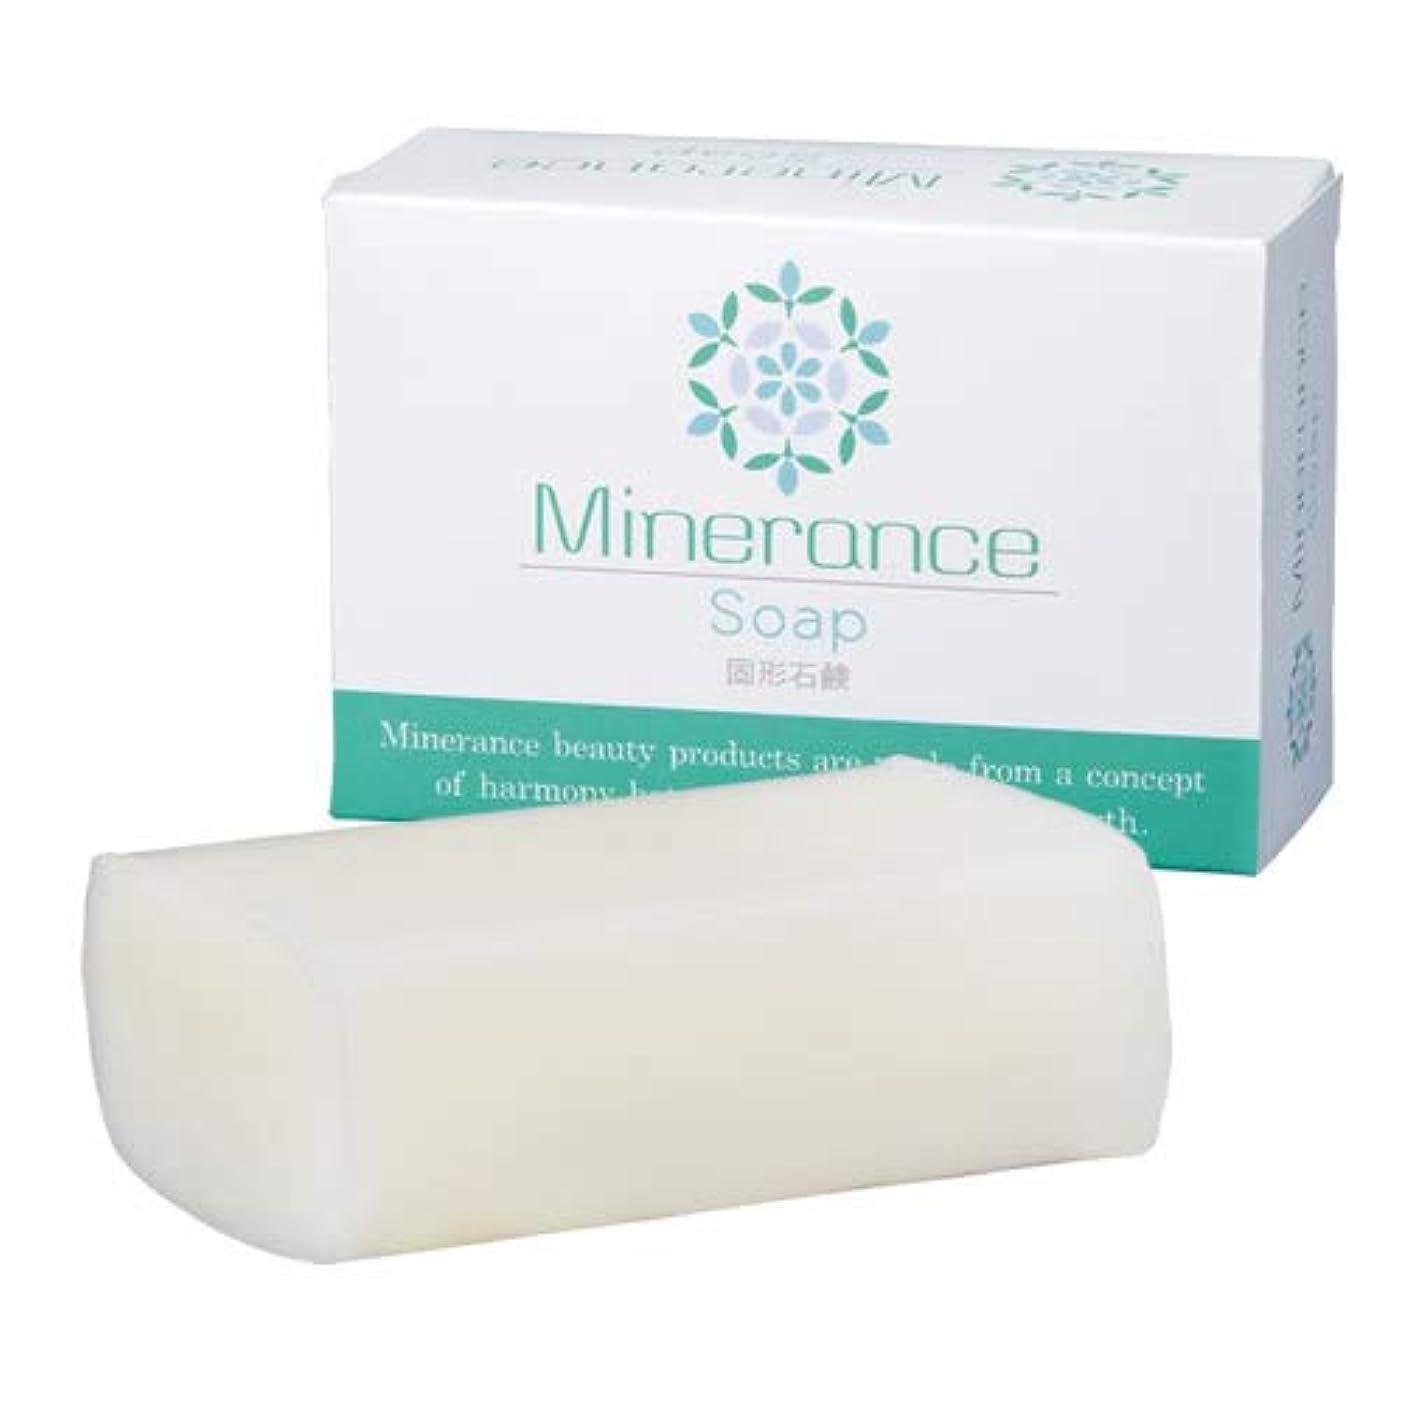 ビクター細い支払いミネランス ソープ 固形 石鹸 90g